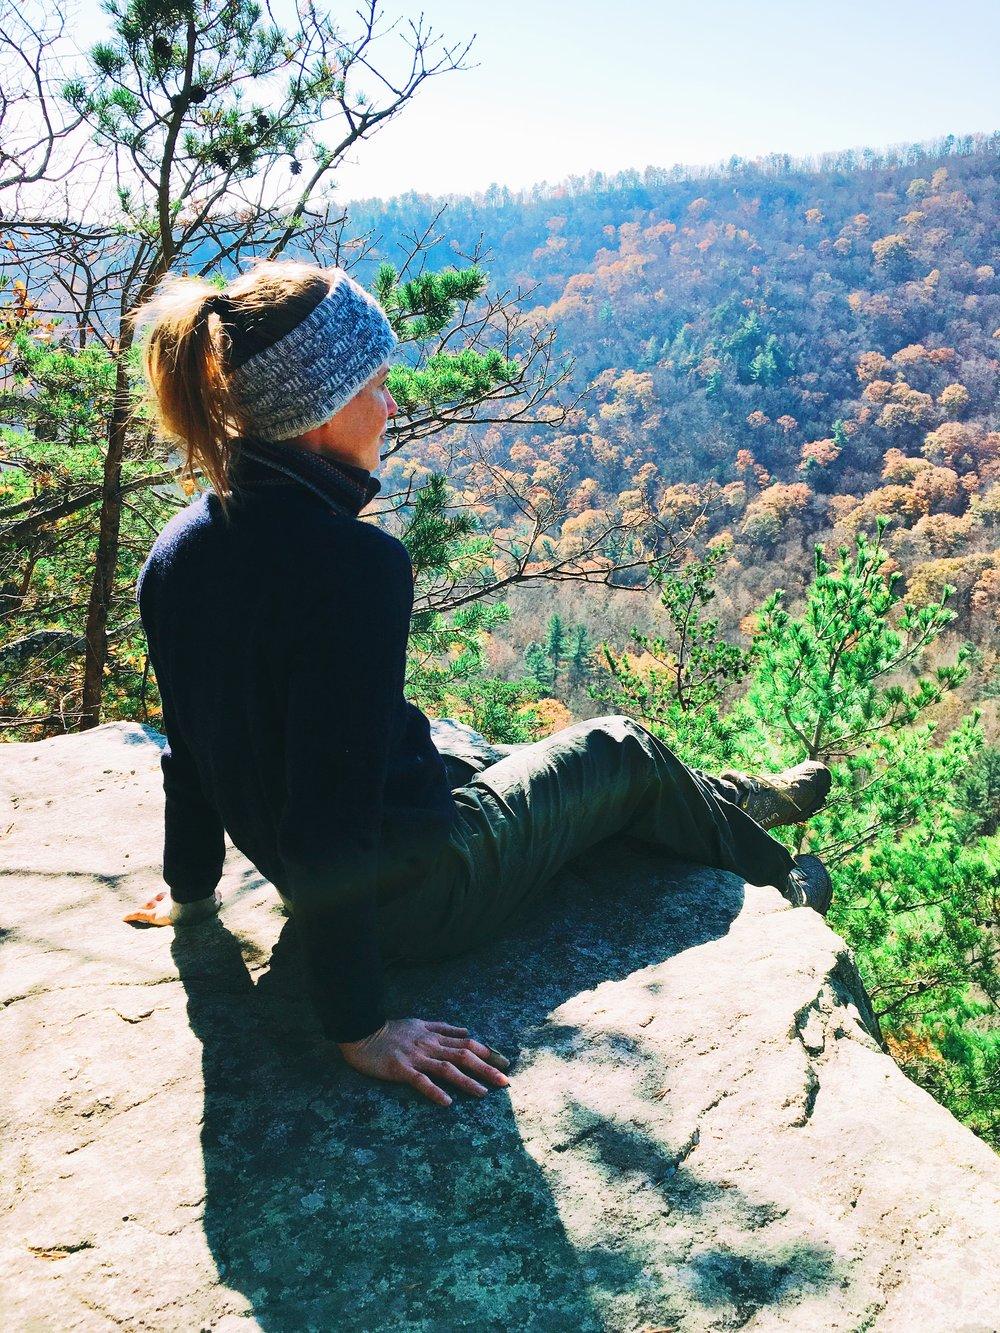 Chic-Stripes-Travel-Hone-Quarry-Virginia-5